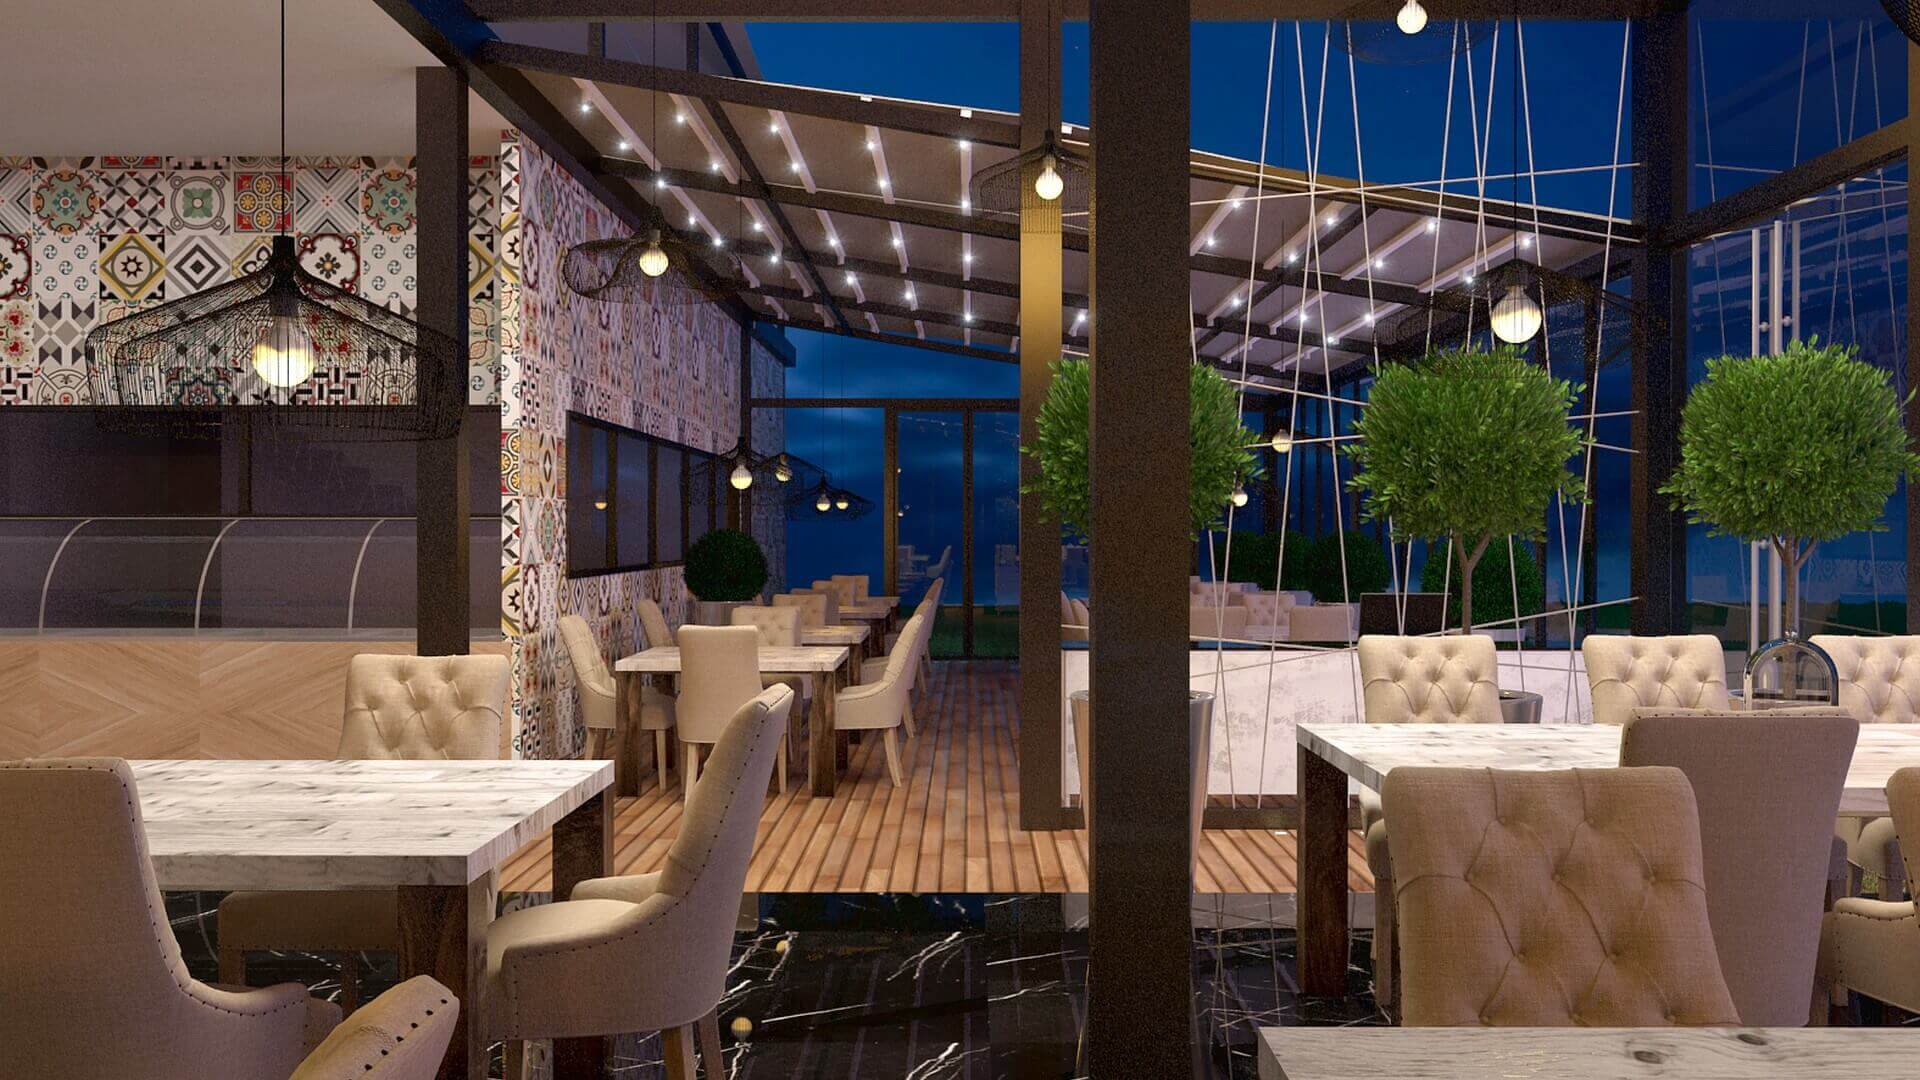 2092 Iskenderun Restaurant Restaurants